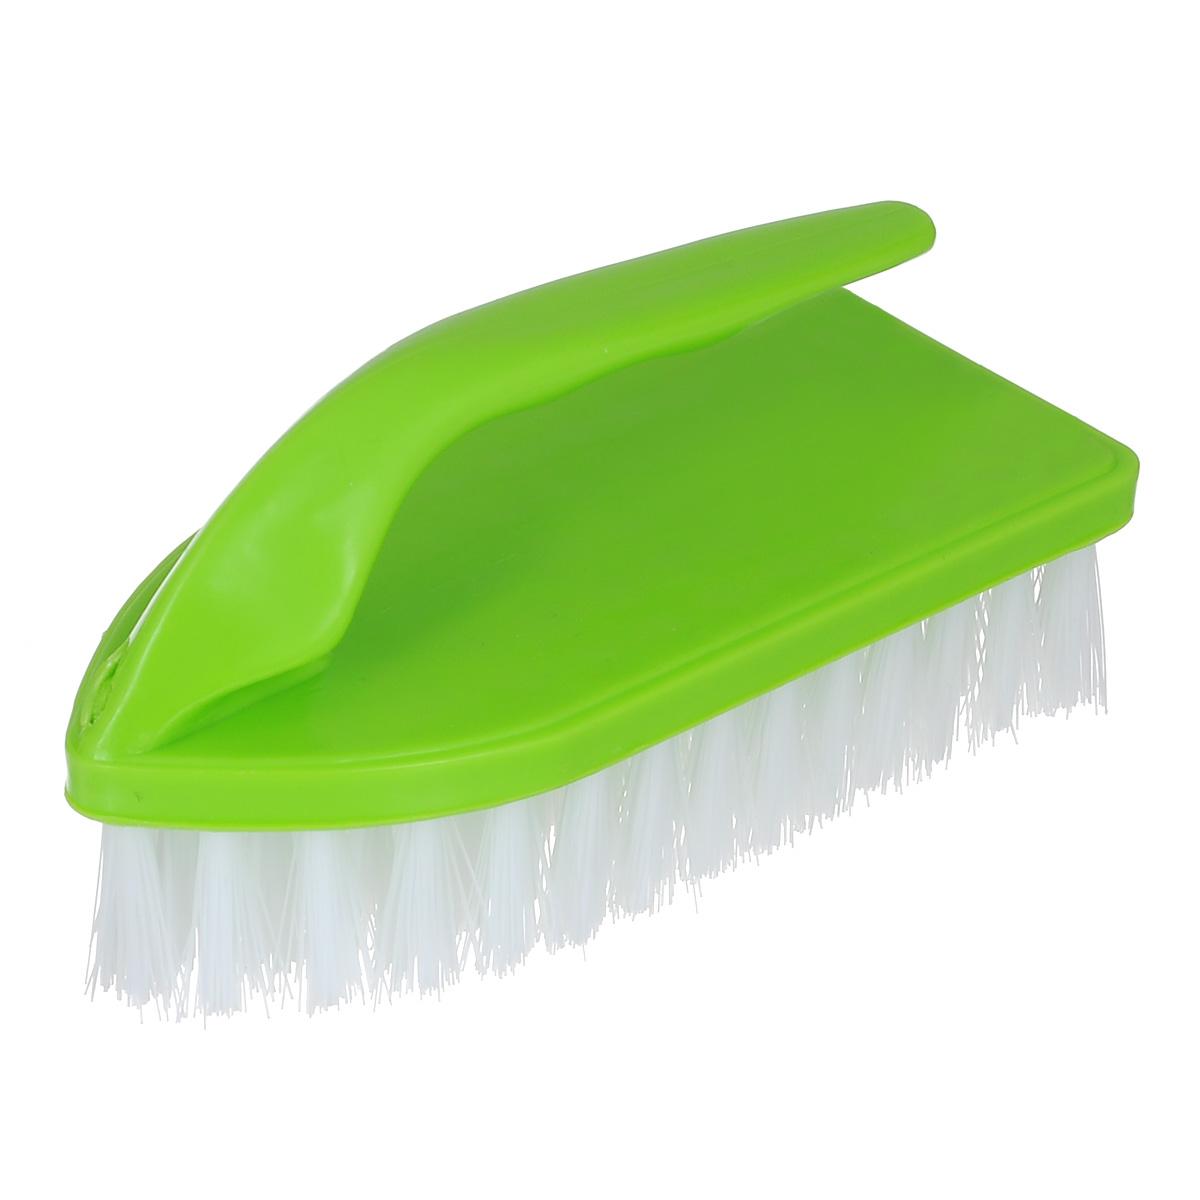 Щетка Home Queen Утюг, универсальная, цвет: салатовый. 8383Щетка Home Queen Утюг, выполненная из полипропилена и нейлона, является универсальной щеткой для очистки поверхностей ванной комнаты и кухни. Оснащена удобной ручкой.Длина ворсинок: 3 см.